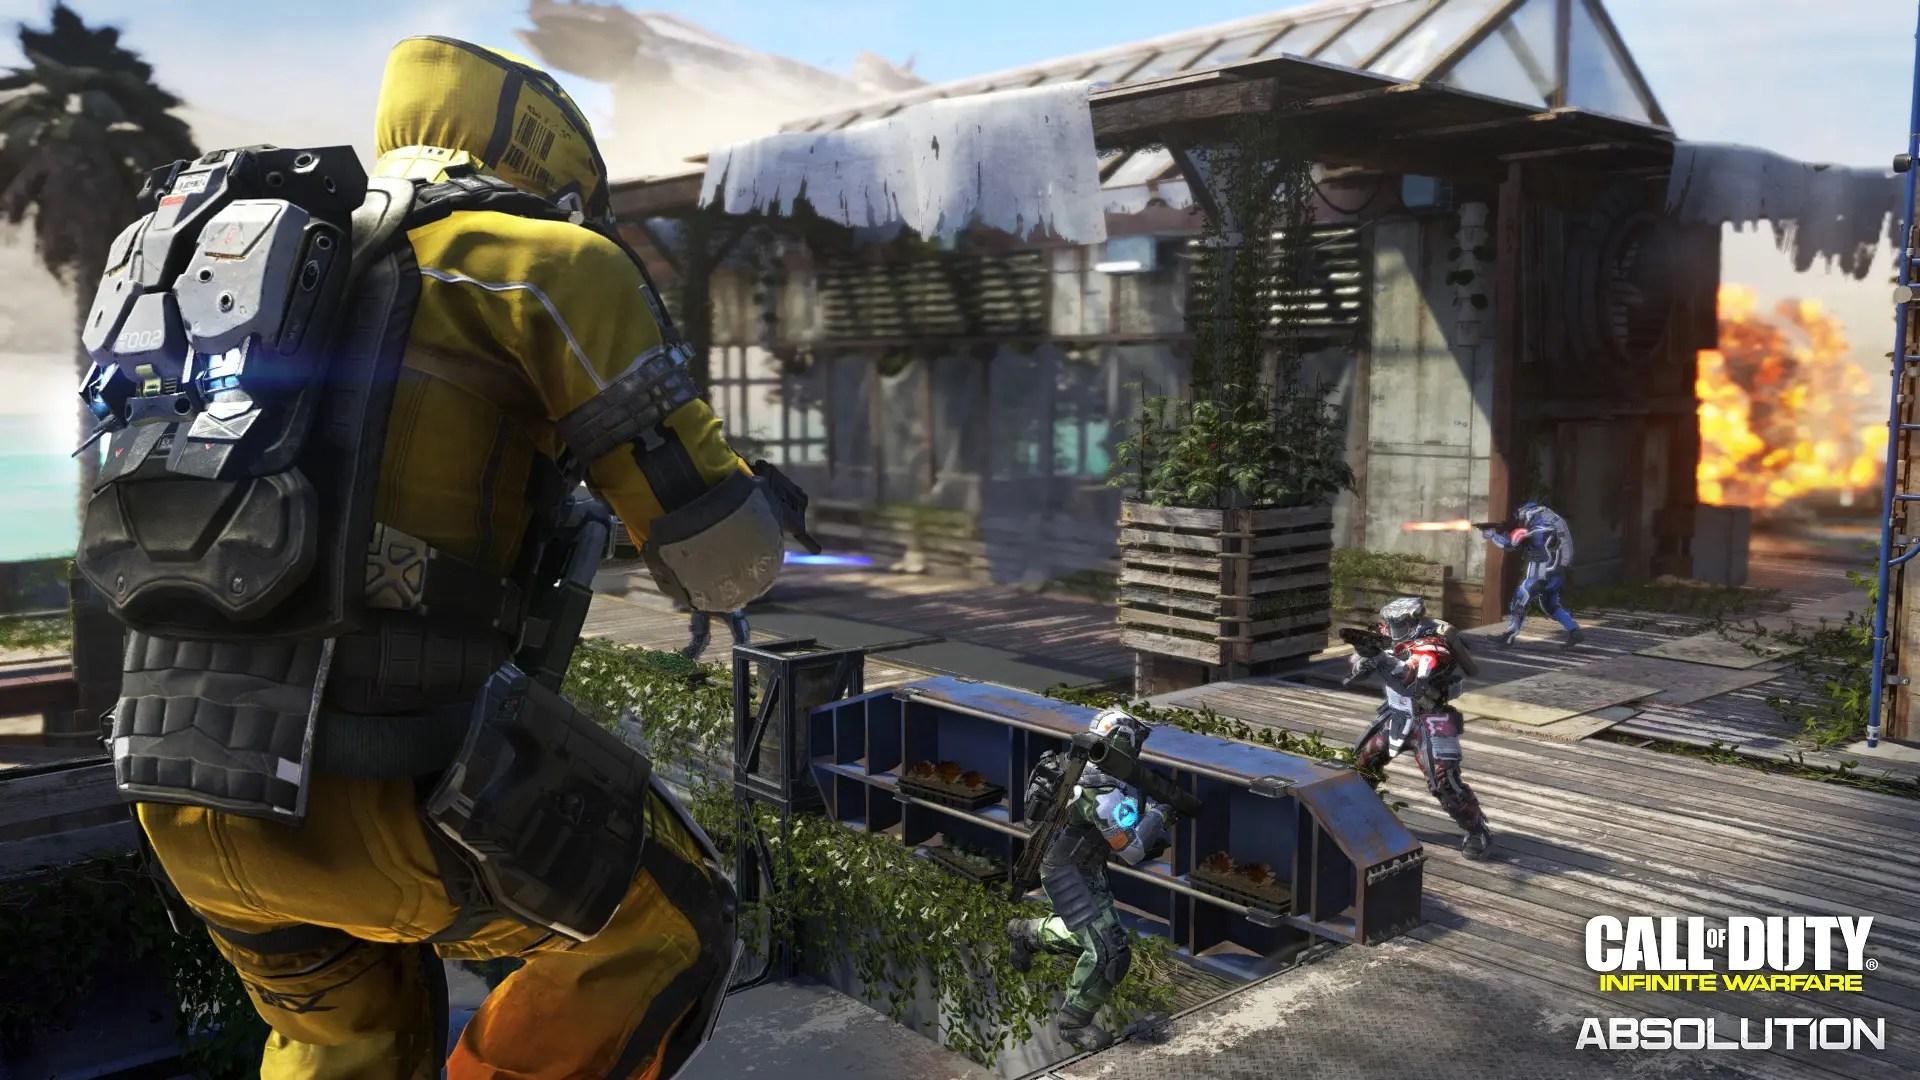 Mapa Bermuda en Call of Duty: Infinite Warfare Absolution